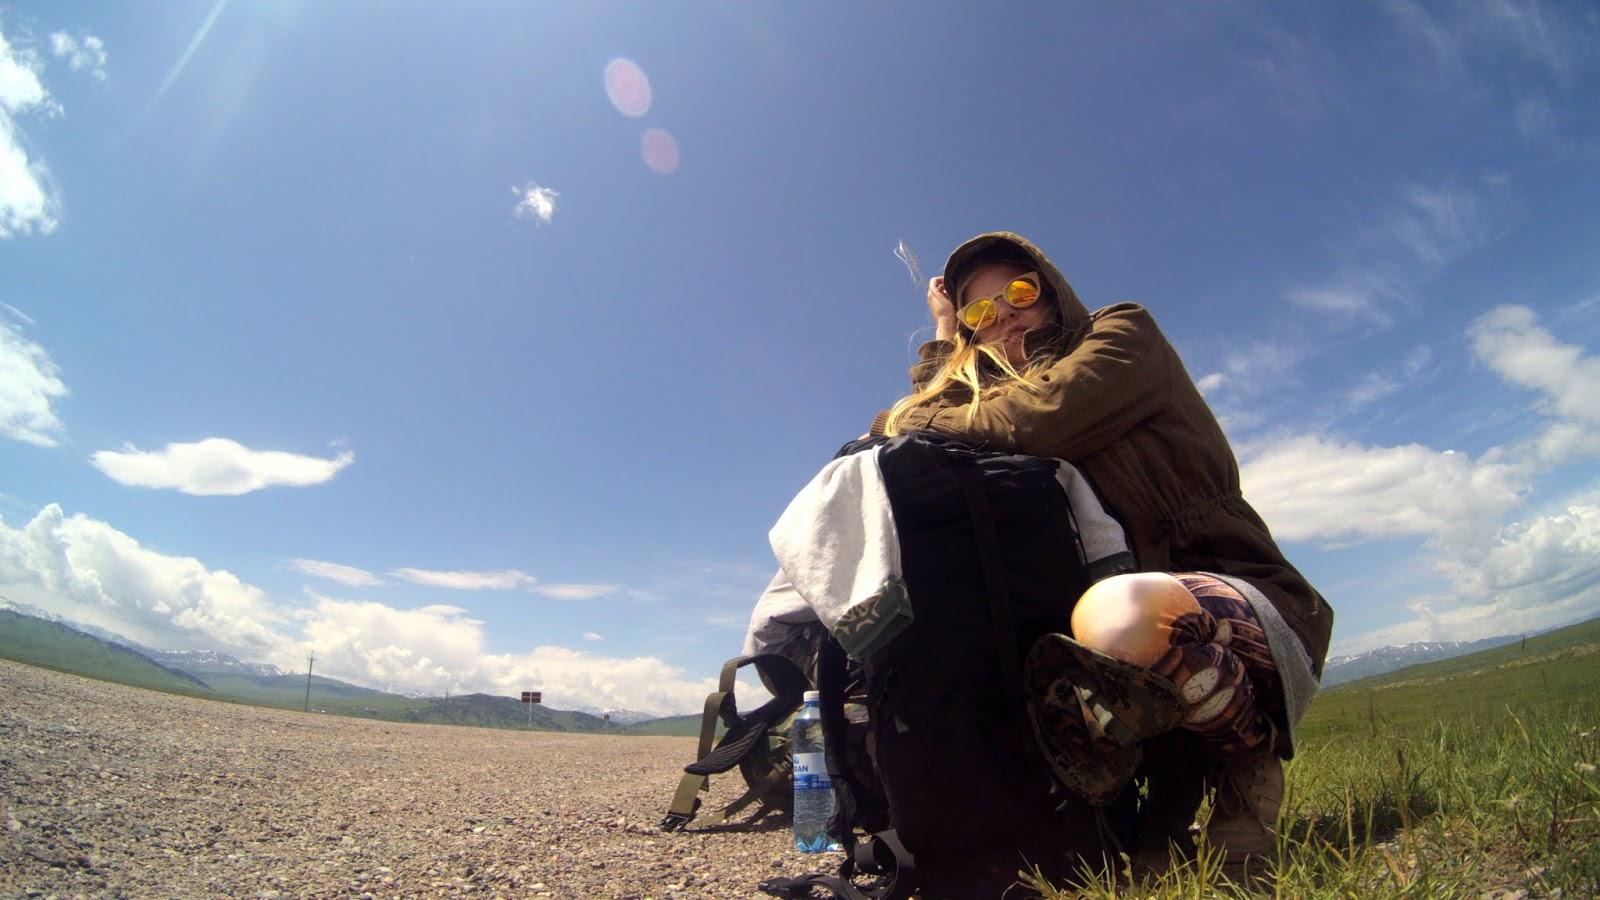 przejście graniczne Karkara Kazachstan Kirgistan